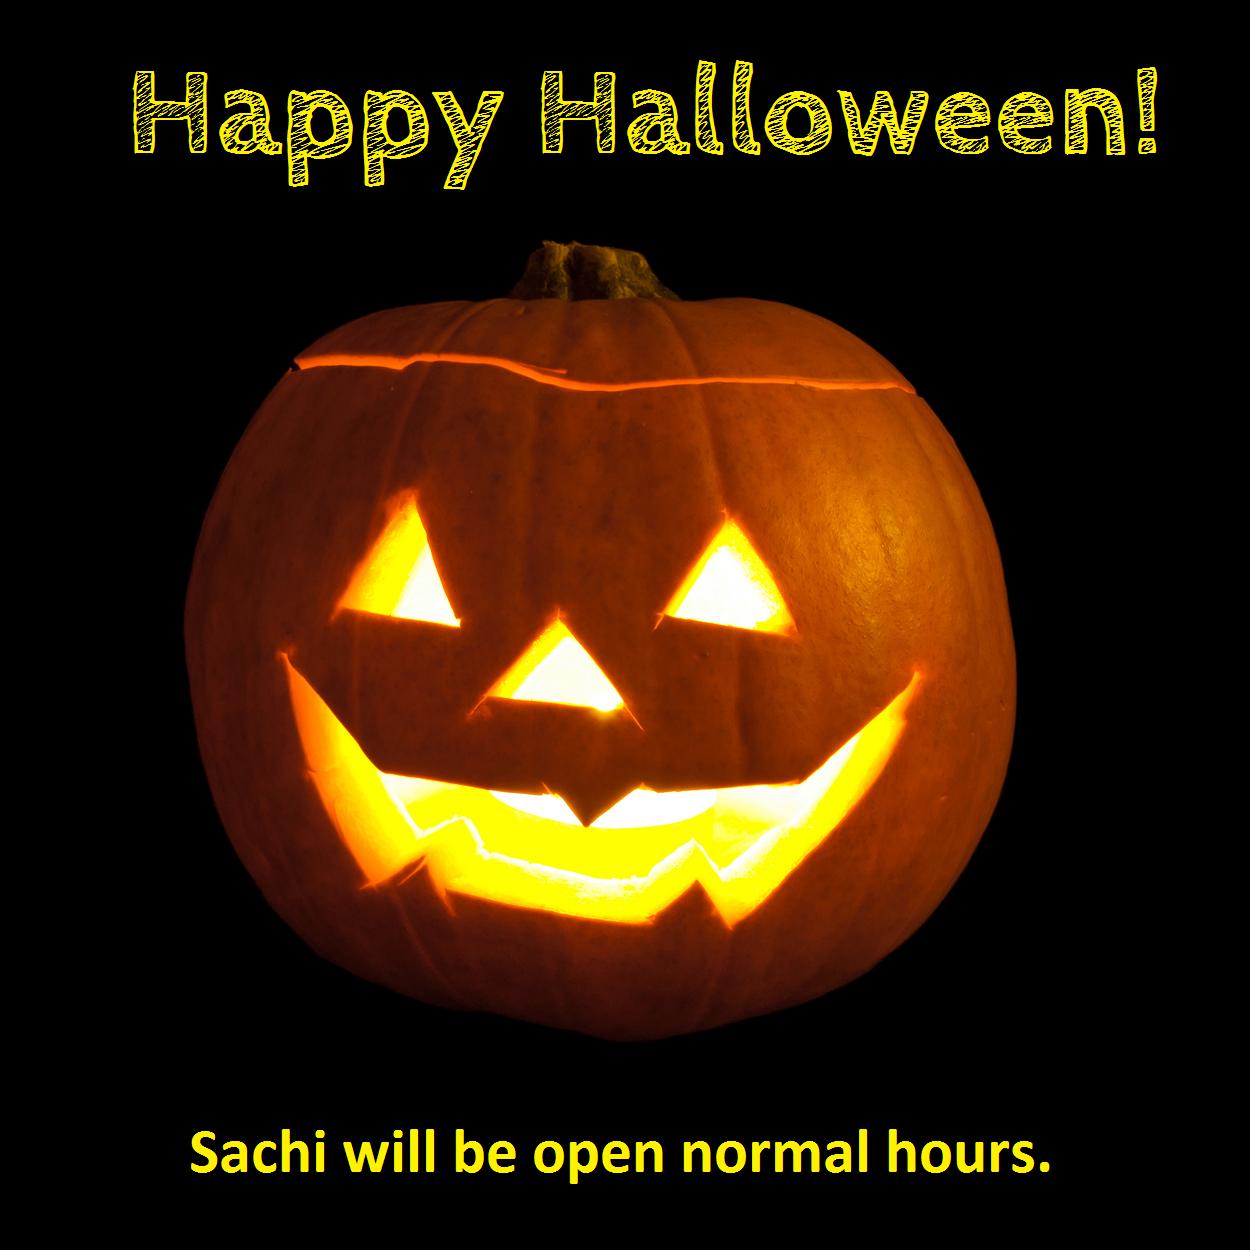 halloween regular hours